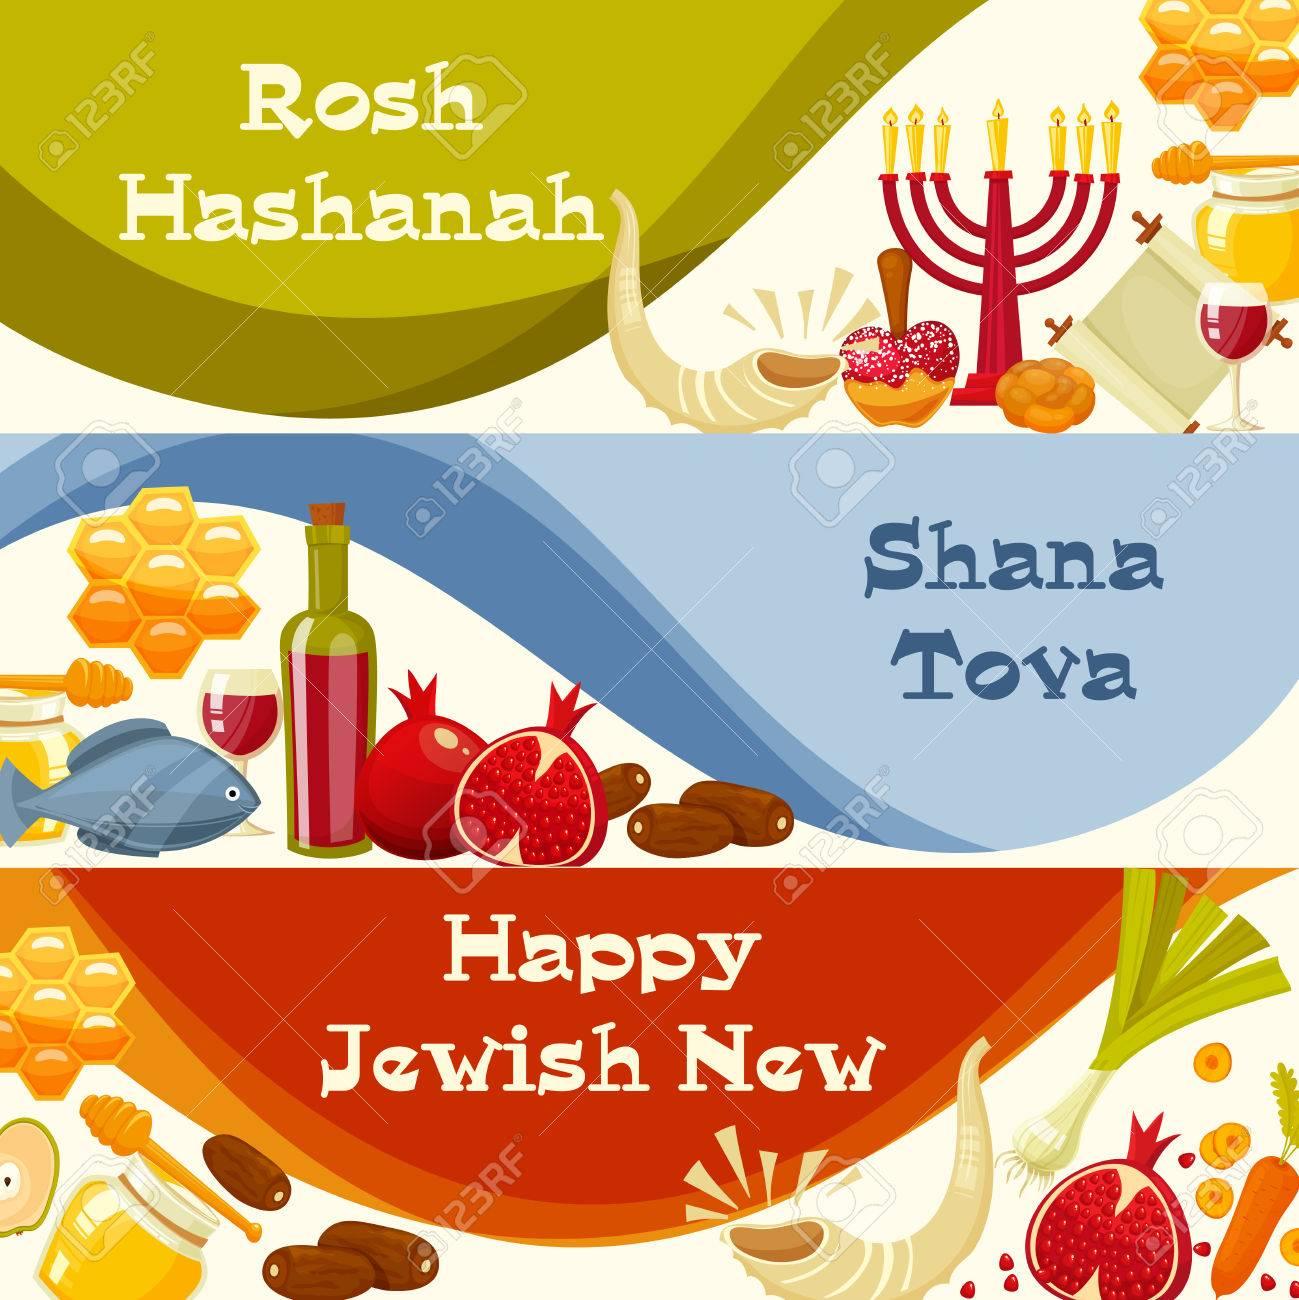 Rosh hashanah shana tova or jewish new year cartoon flat vector rosh hashanah shana tova or jewish new year cartoon flat vector banners setaditional biocorpaavc